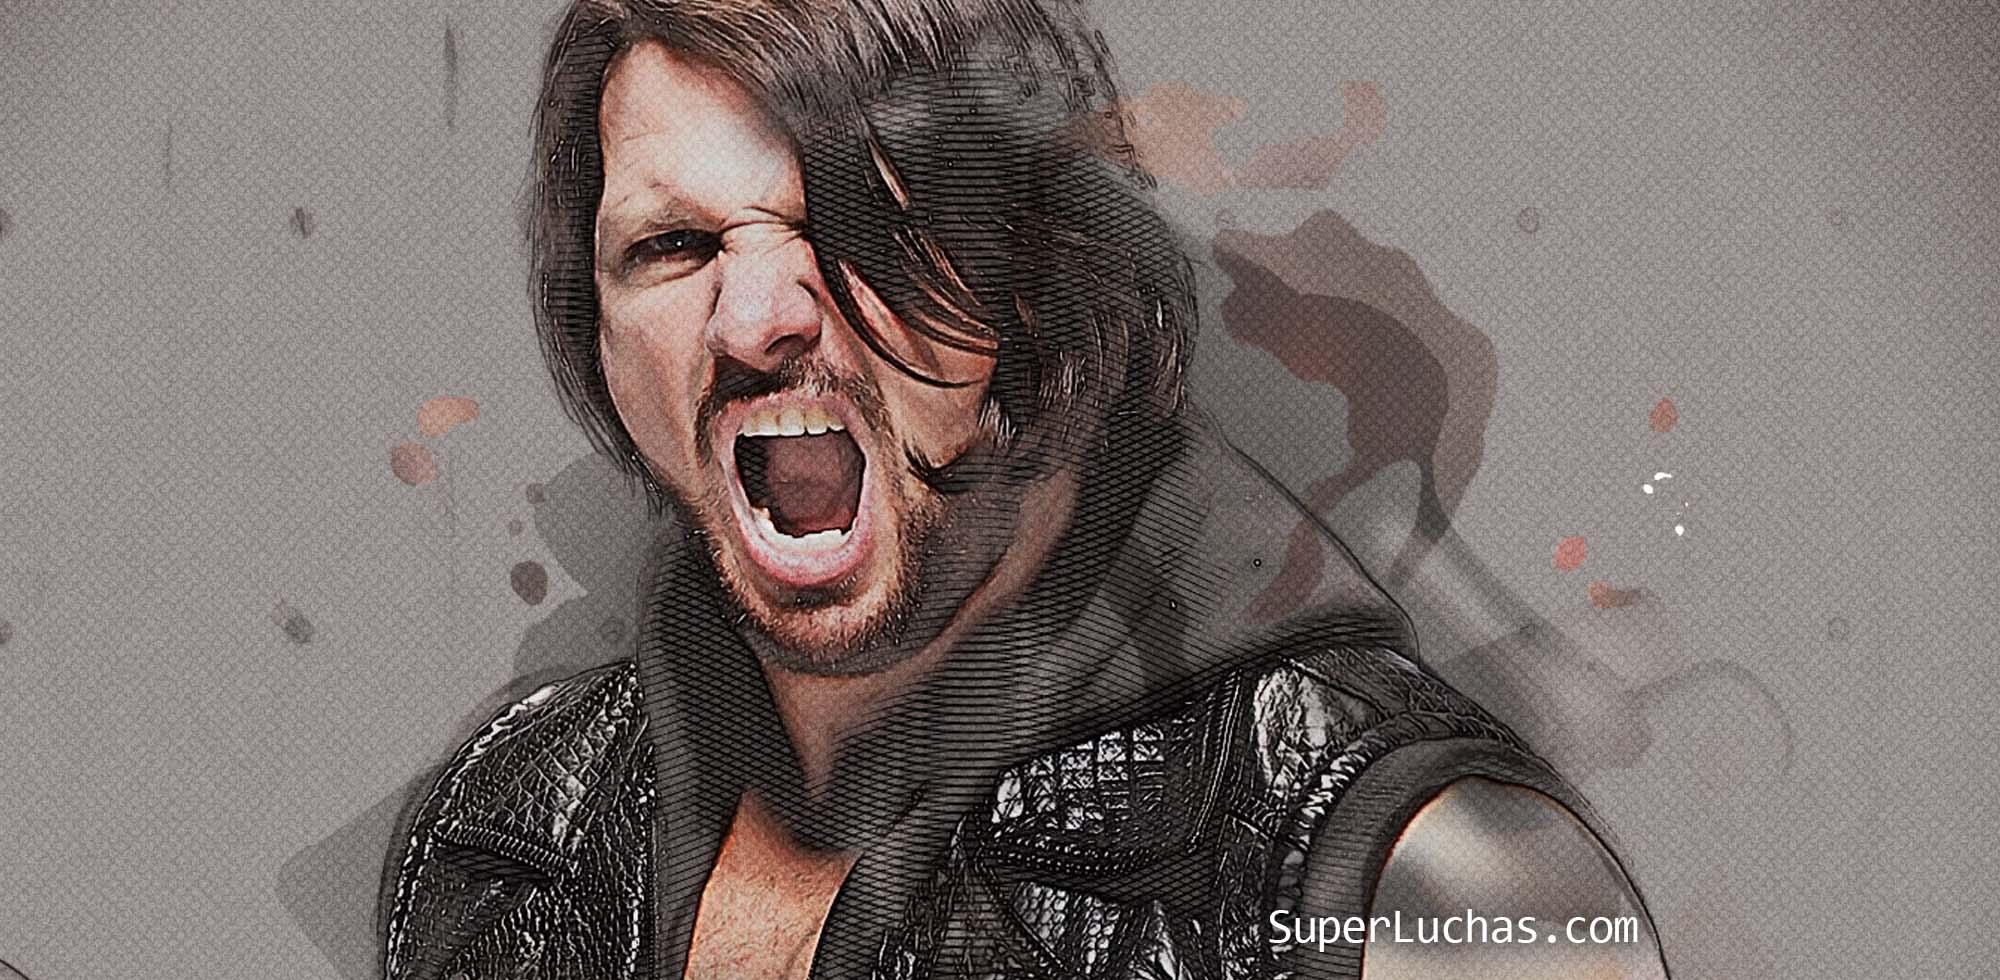 Dos hitos históricos de AJ Styles se celebran el día de hoy 9